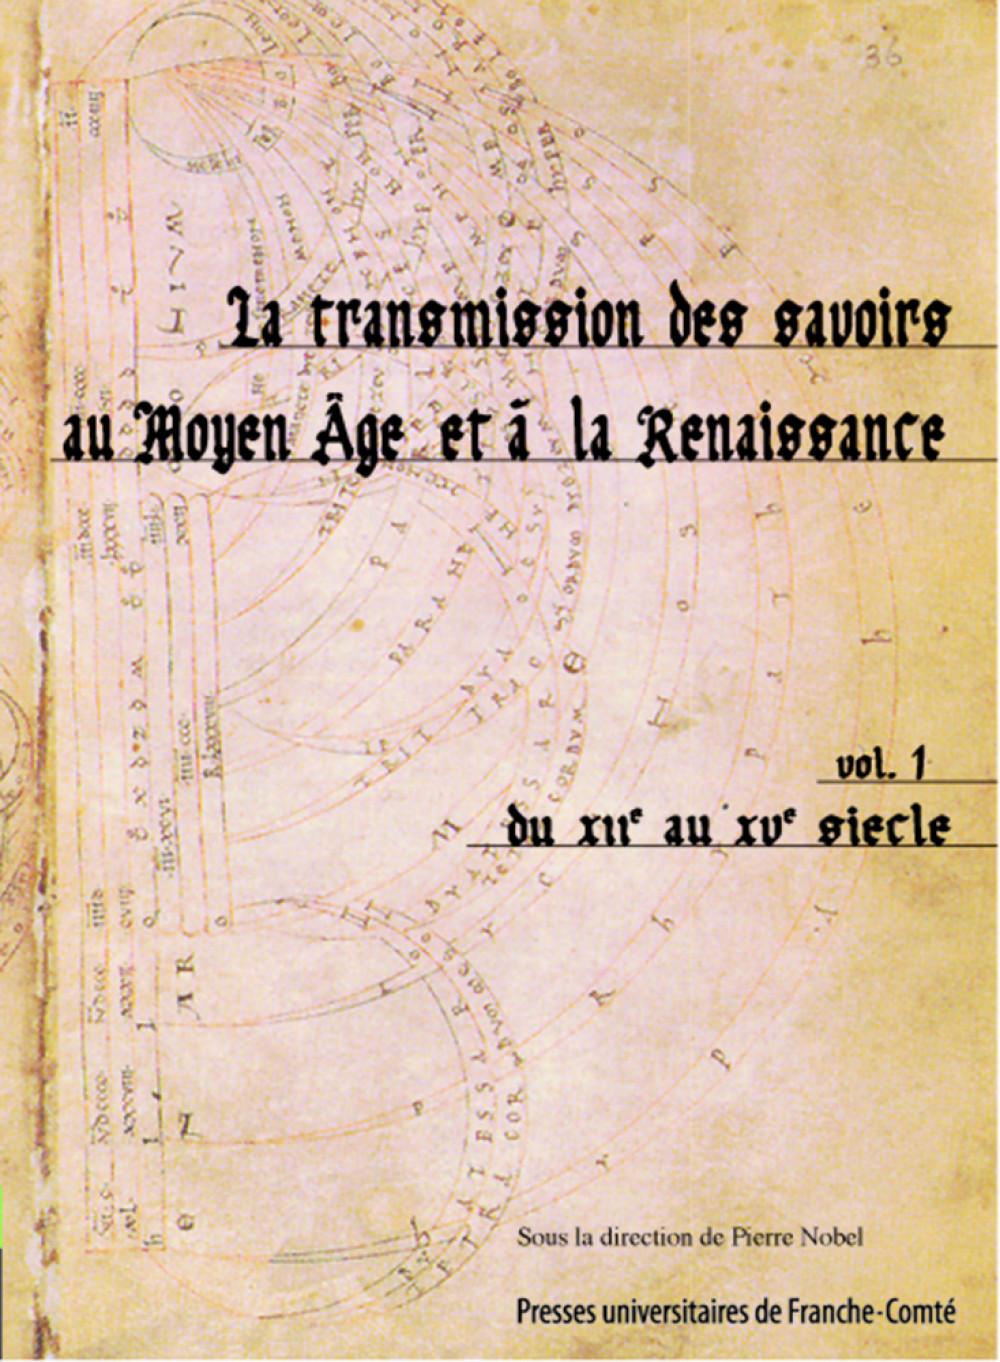 """La transmission des savoirs au Moyen Âge et à la Renaissance Volume 1 du <span style=""""font-variant: small-caps"""">XII</span><sup>e</sup> au <span style=""""font-variant: small-caps"""">XV</span><sup>e</sup> siècle"""